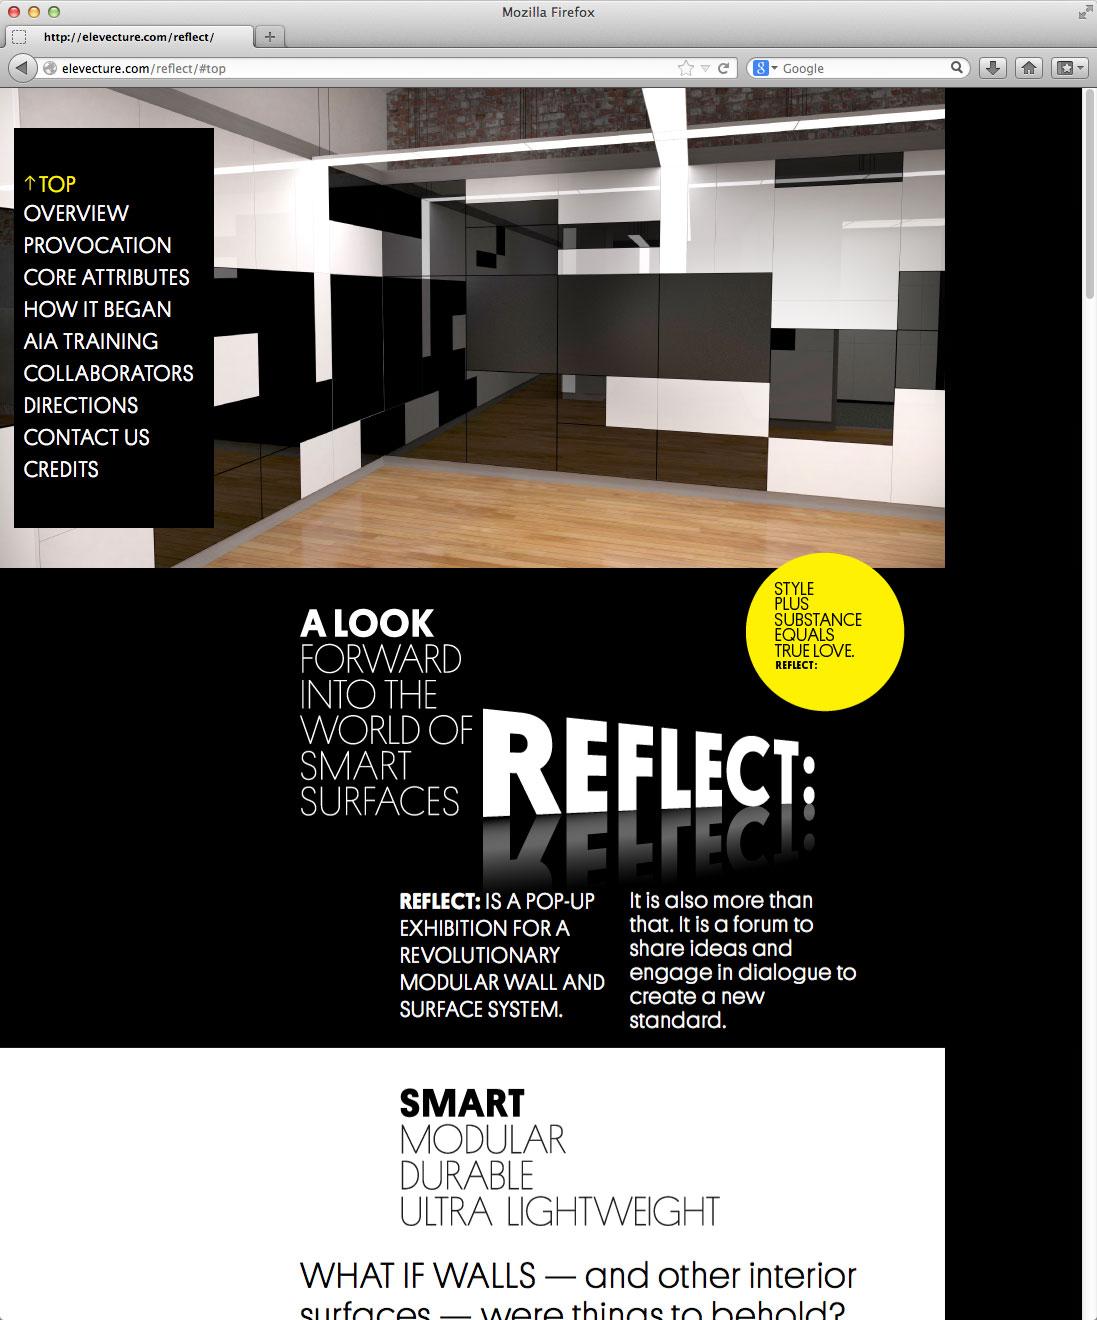 REFLECTWebsite02